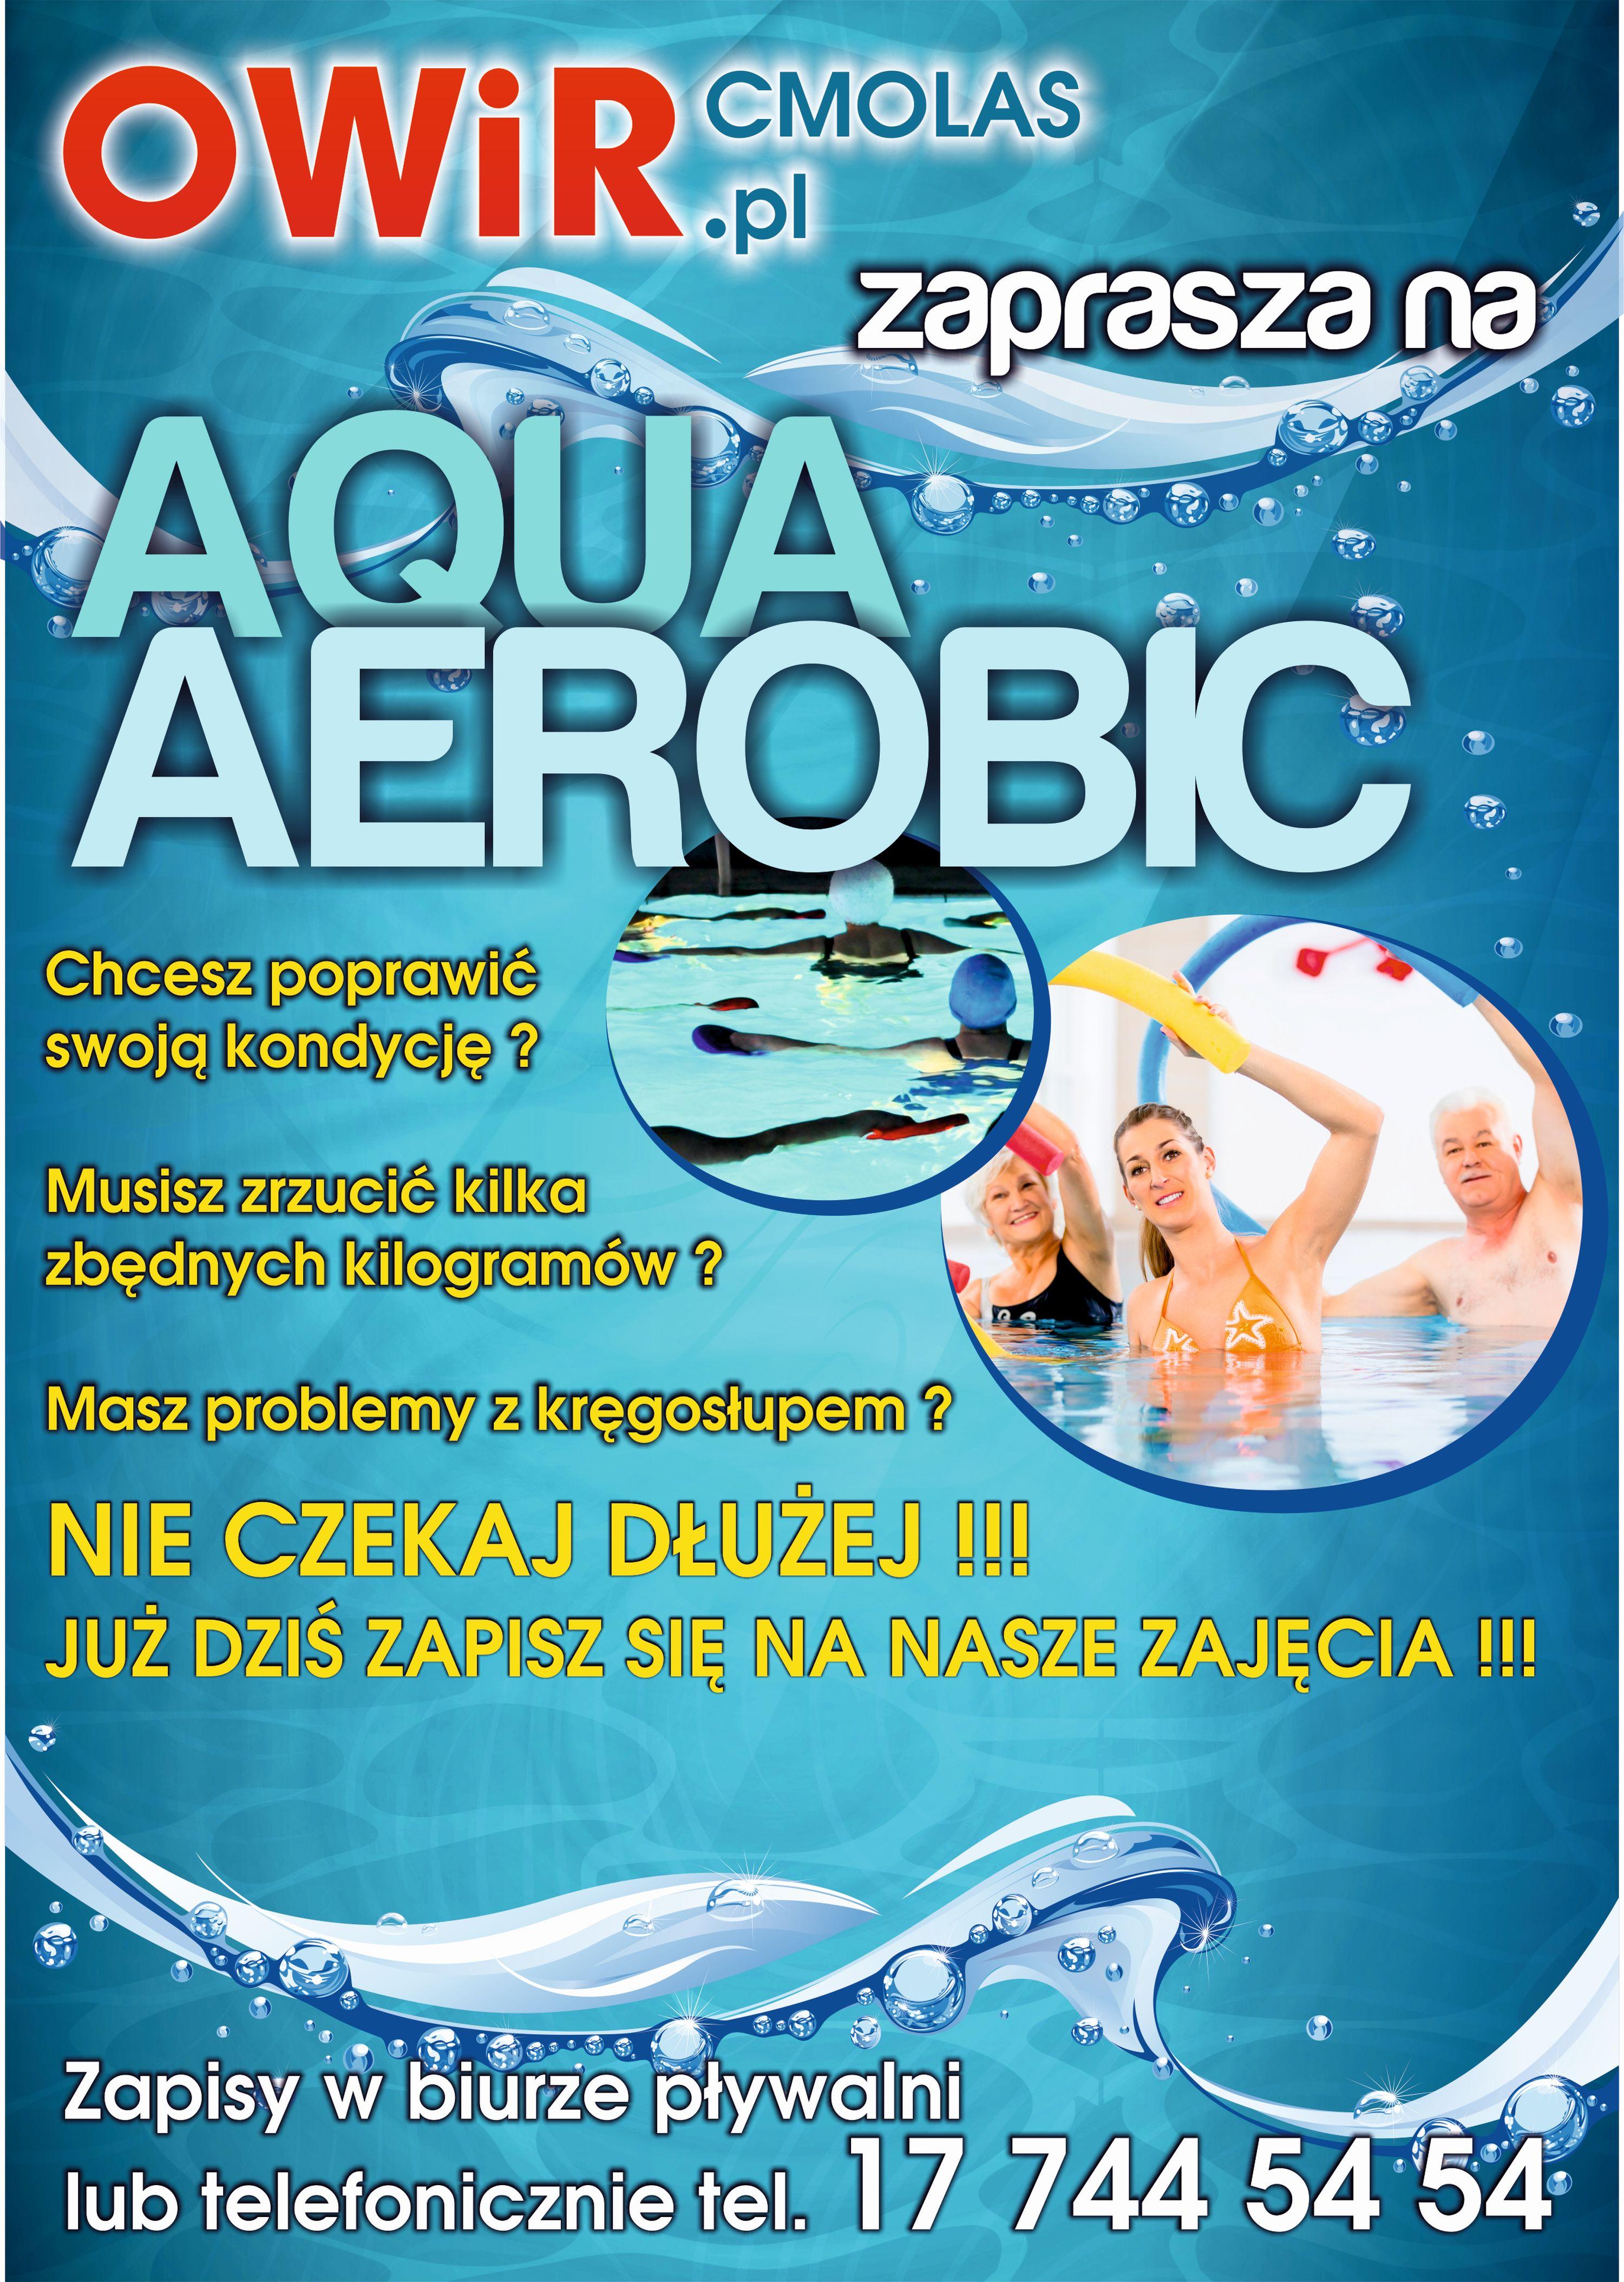 PL_A4_AEROBIC